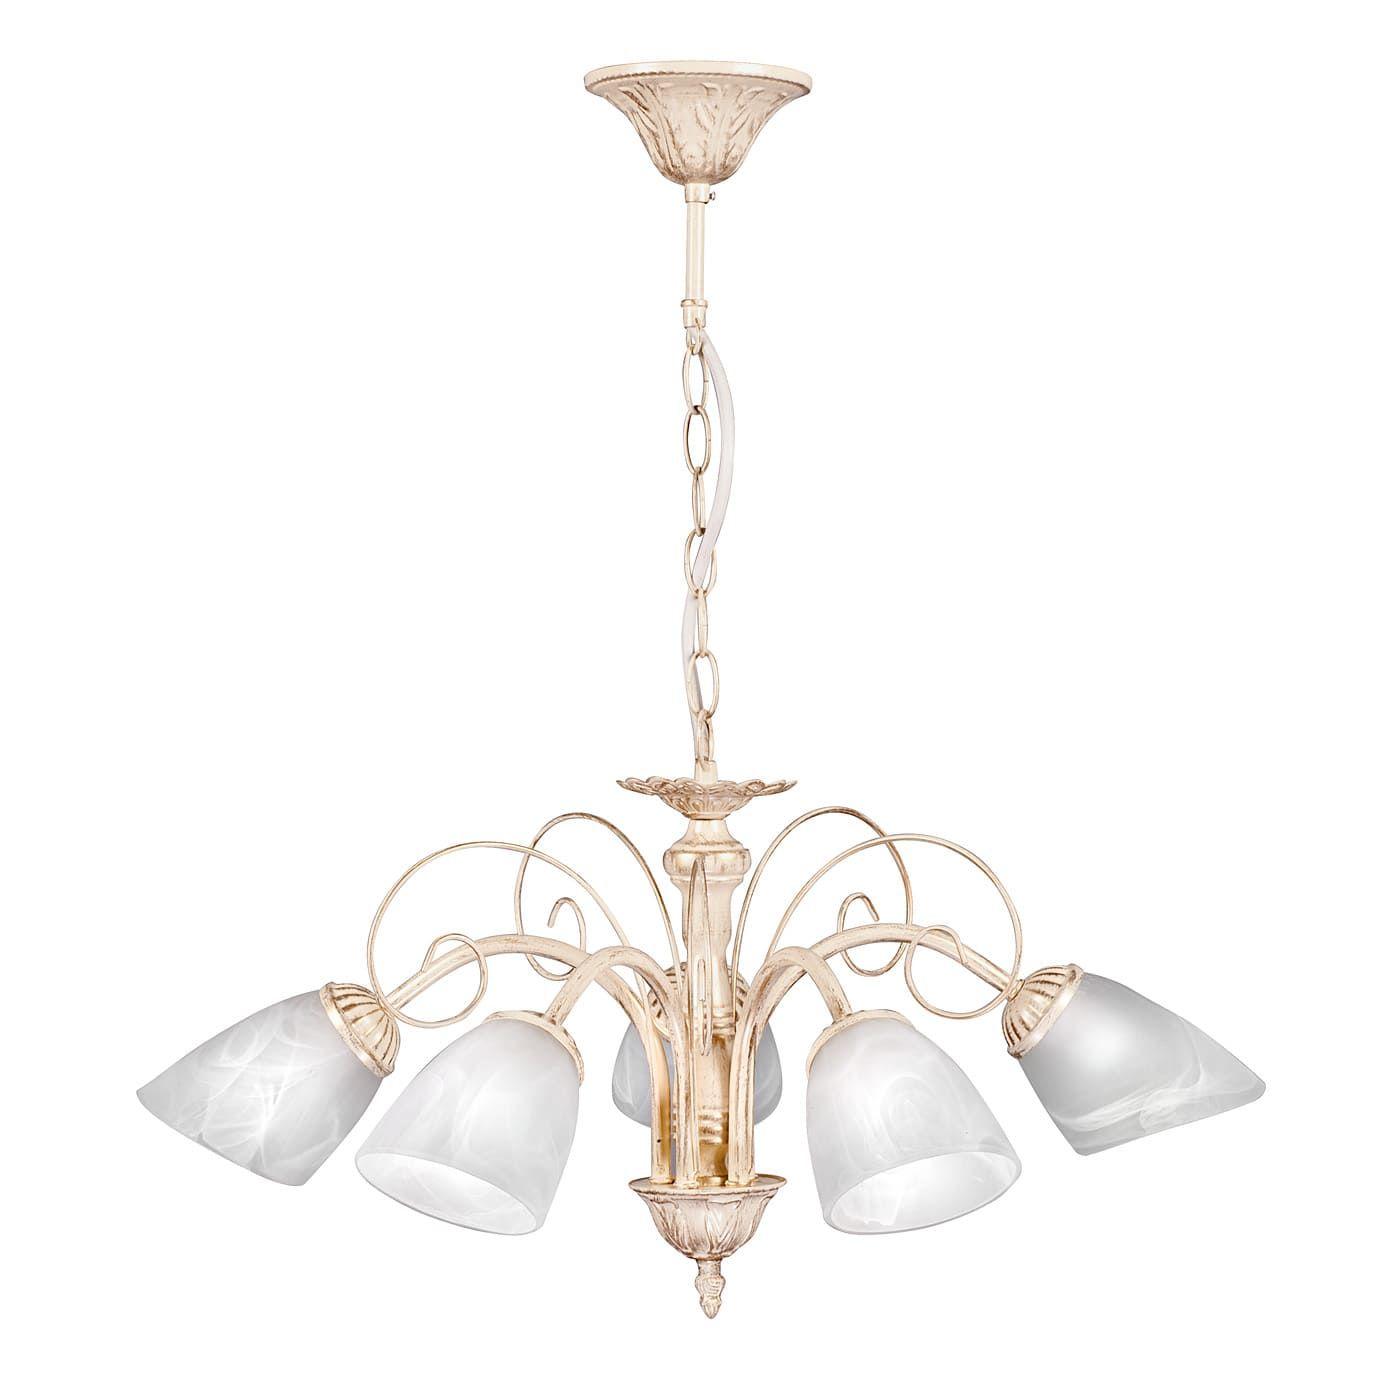 PETRASVET / Suspended chandelier S2201-5, 5xE14 max. 60W